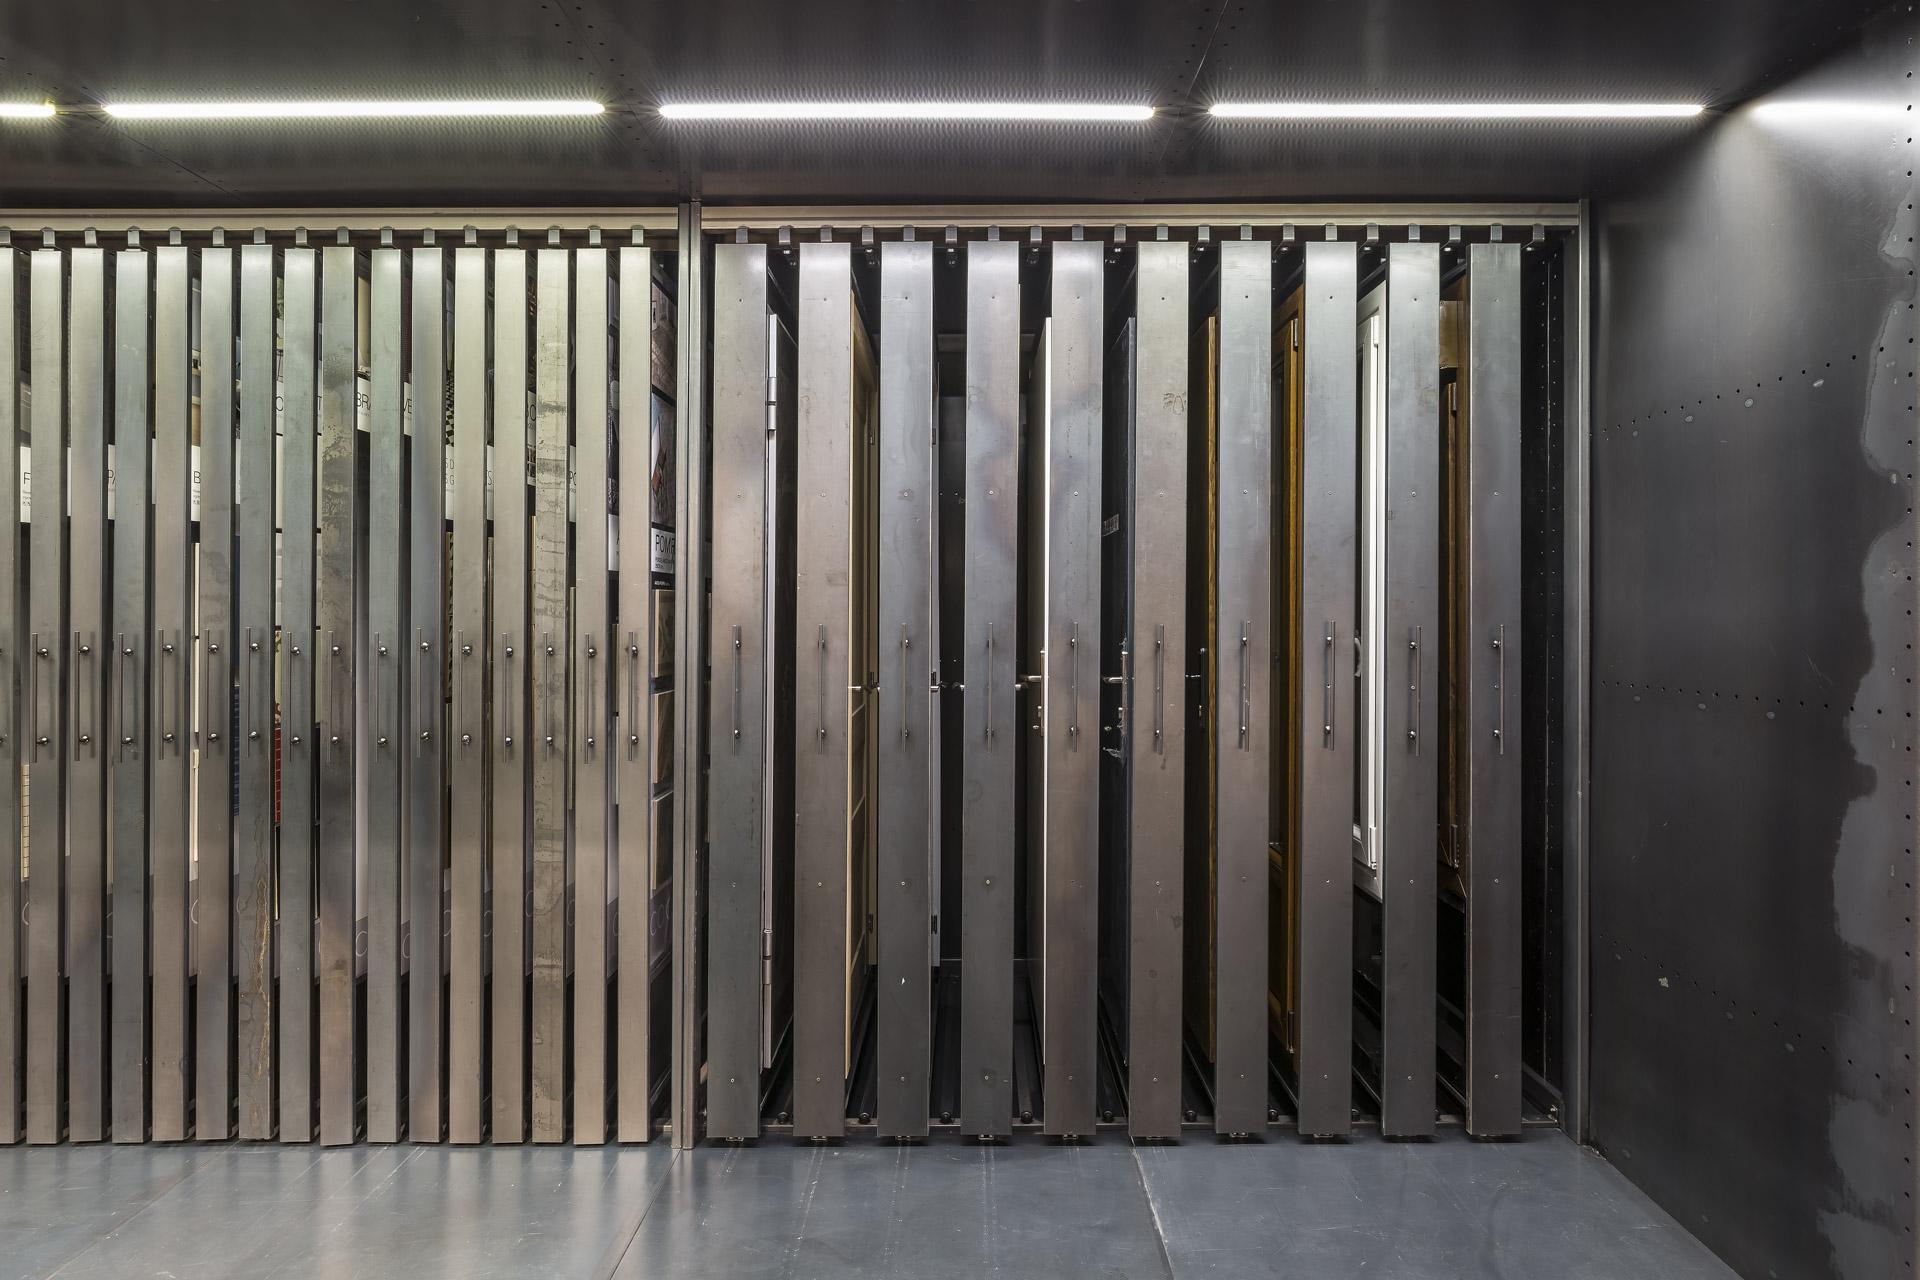 fotografia-arquitectura-valencia-german-cabo-jesus-aparicio-bigmat-cocoon-14